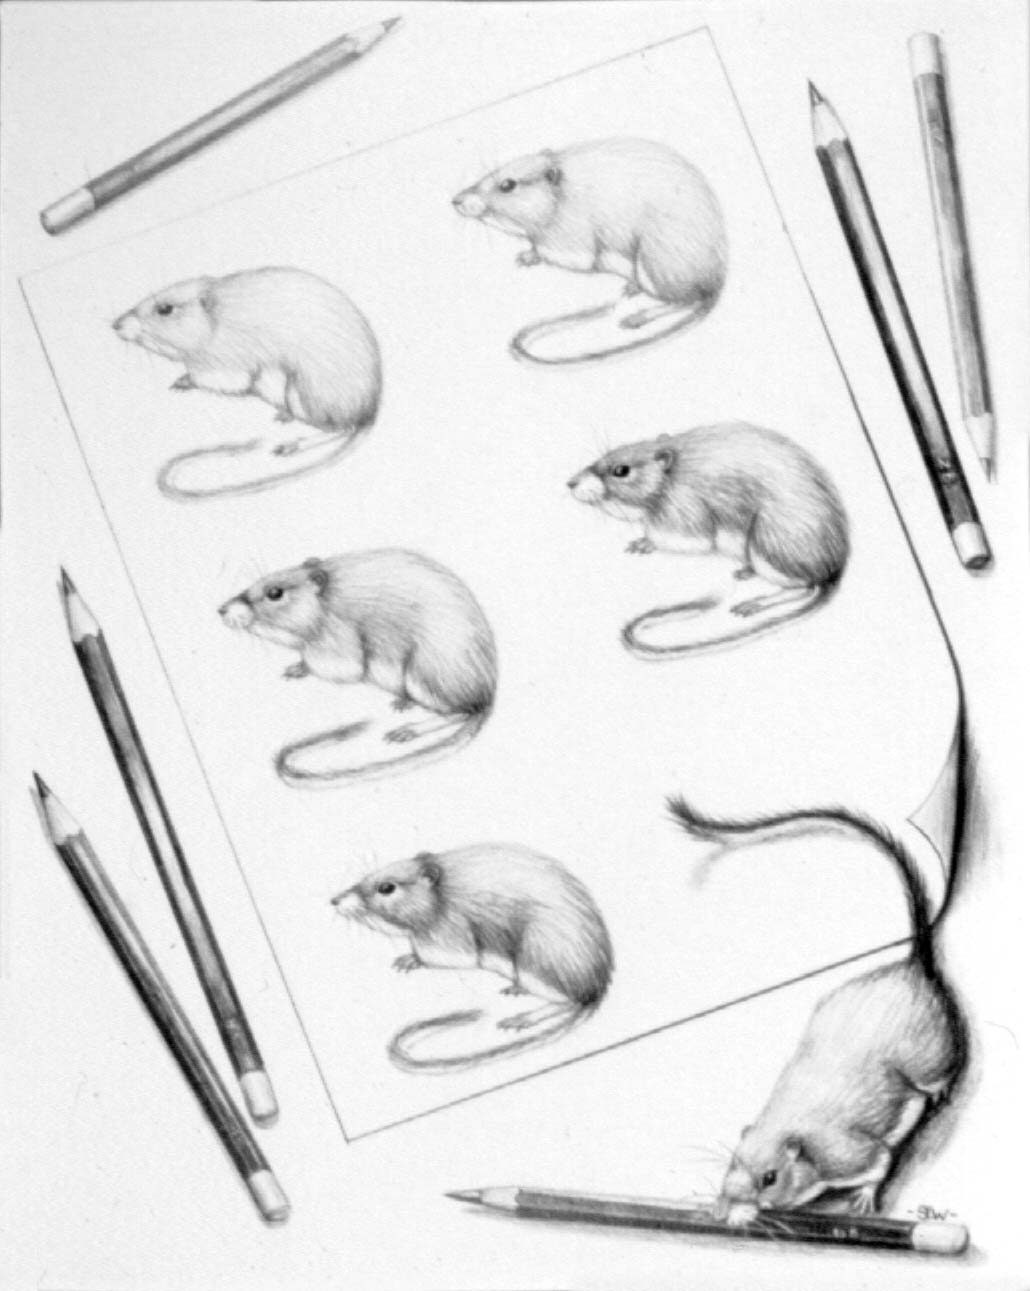 Field Guide Mice